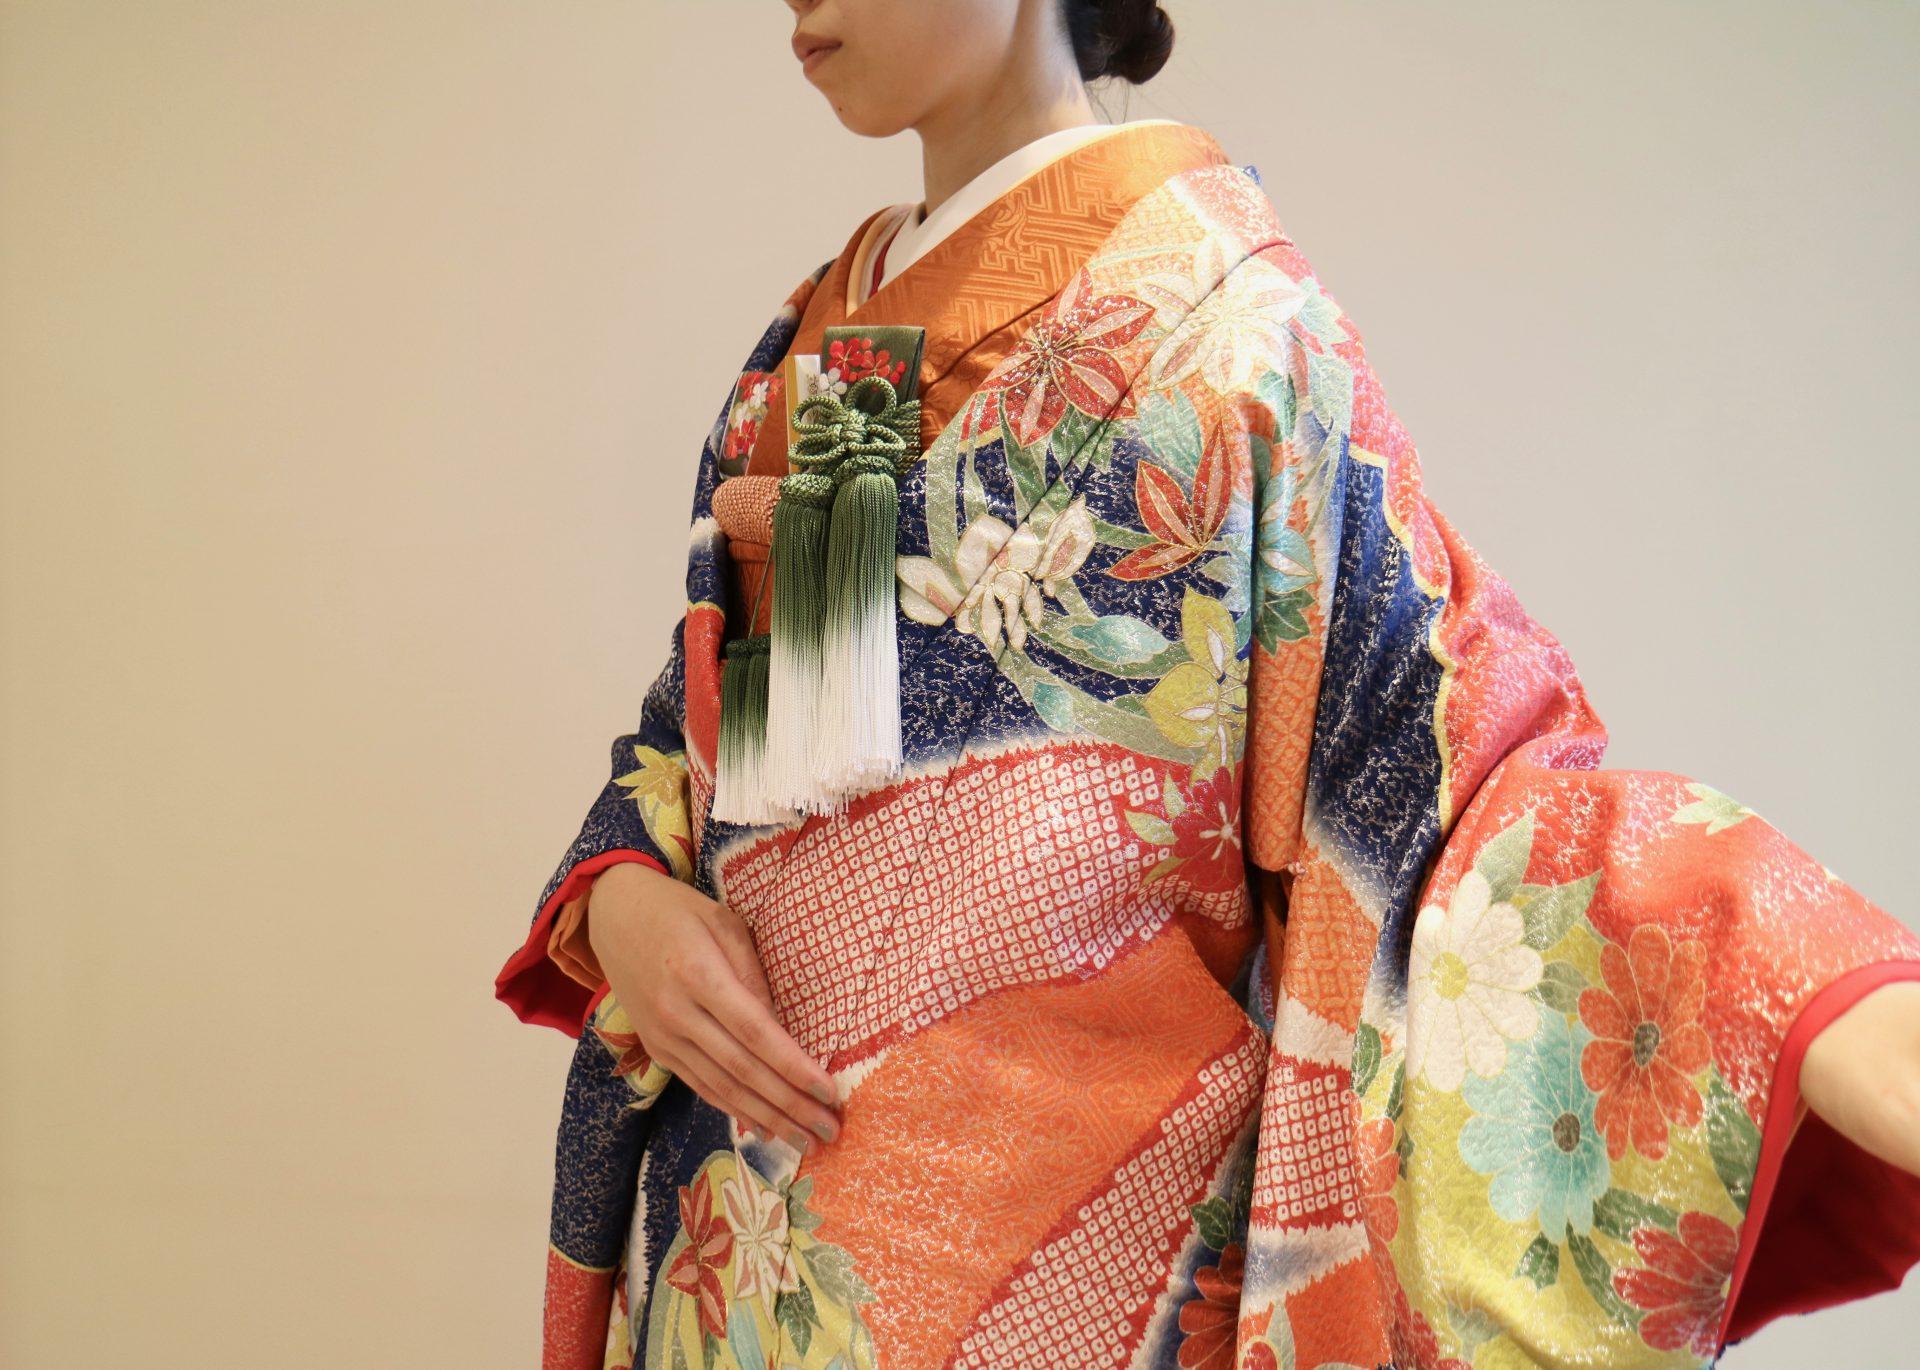 ザ・トリート・ドレッシング京都店にてお取り扱いをしている京都の和モダンな結婚式会場や和婚におすすめの色打掛